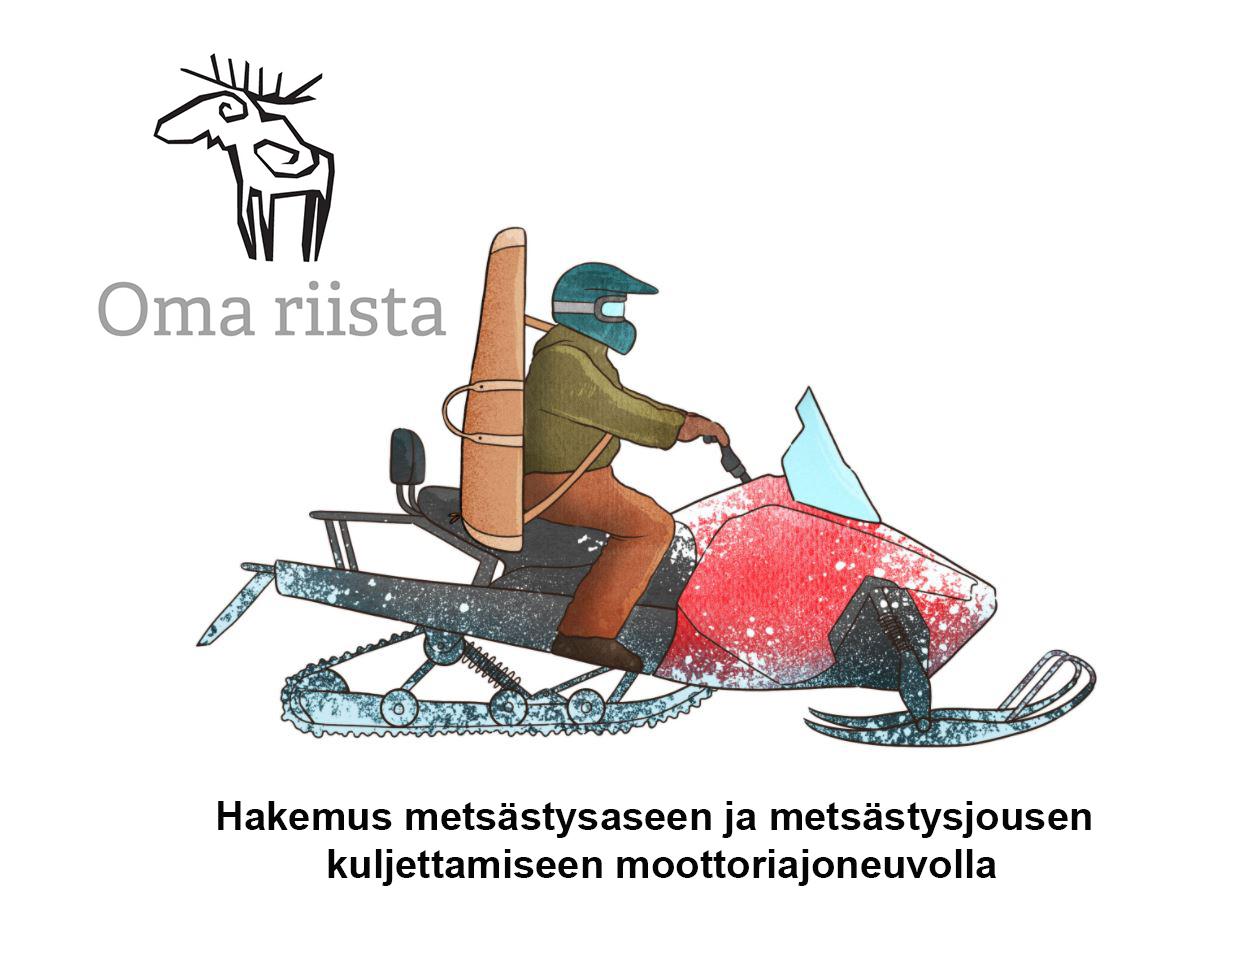 """Metsästäjä moottorikelkan selässä ja teksti """"Hakemus metsästysaseen ja metsästysjousen kuljettamiseen moottoriajoneuvolla"""" sekä Oma riista -logo."""